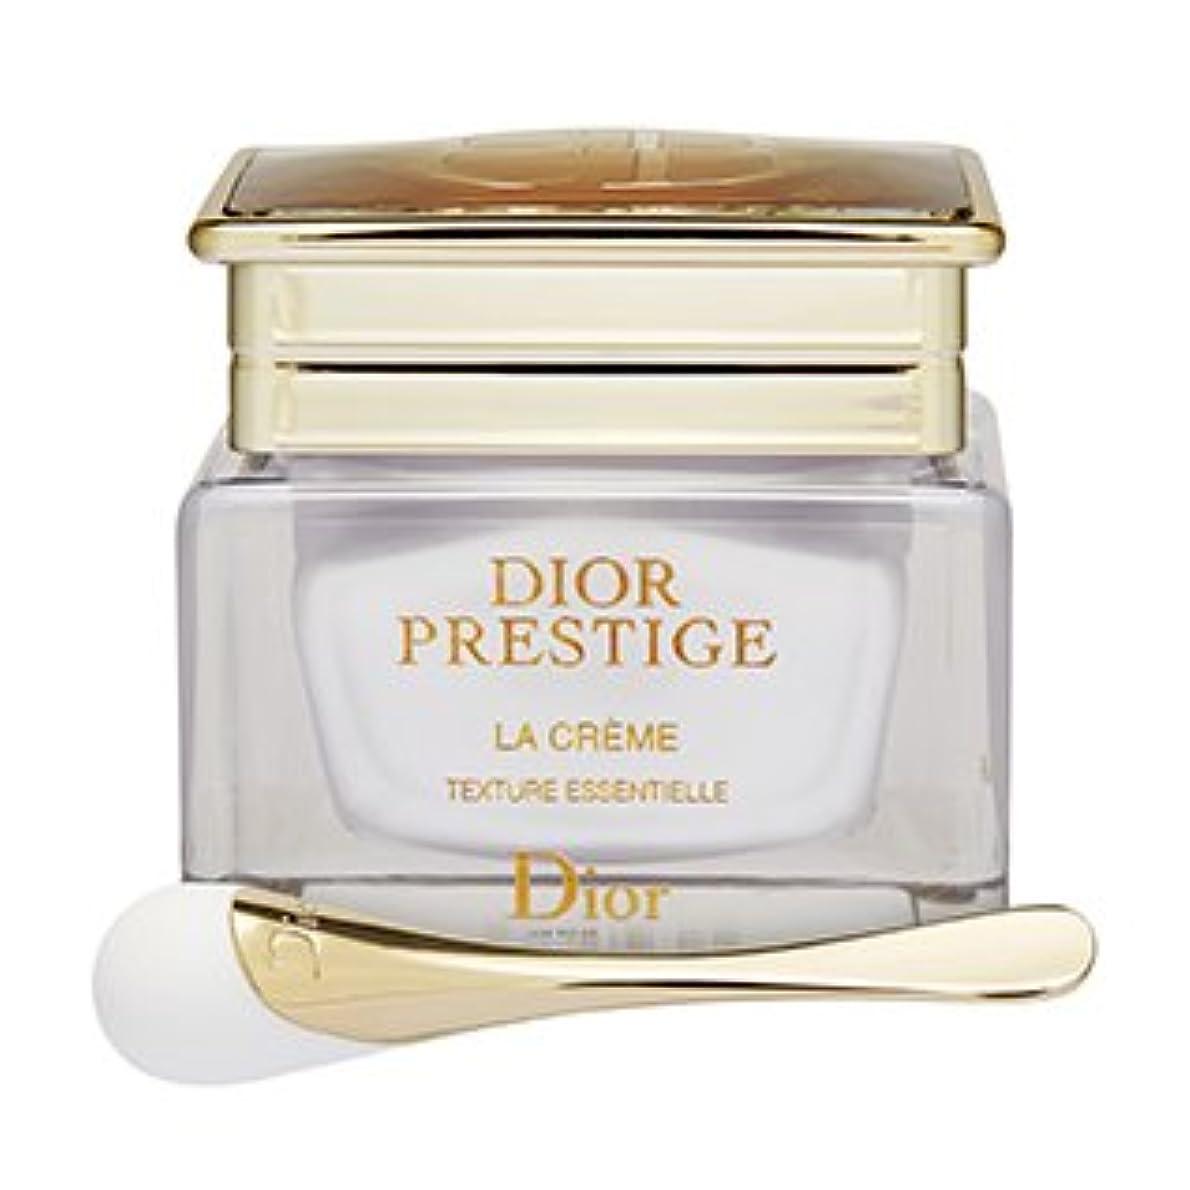 憂鬱な本マイナーディオール(Dior) プレステージ ラ クレーム - 極上のテクスチャー [並行輸入品]